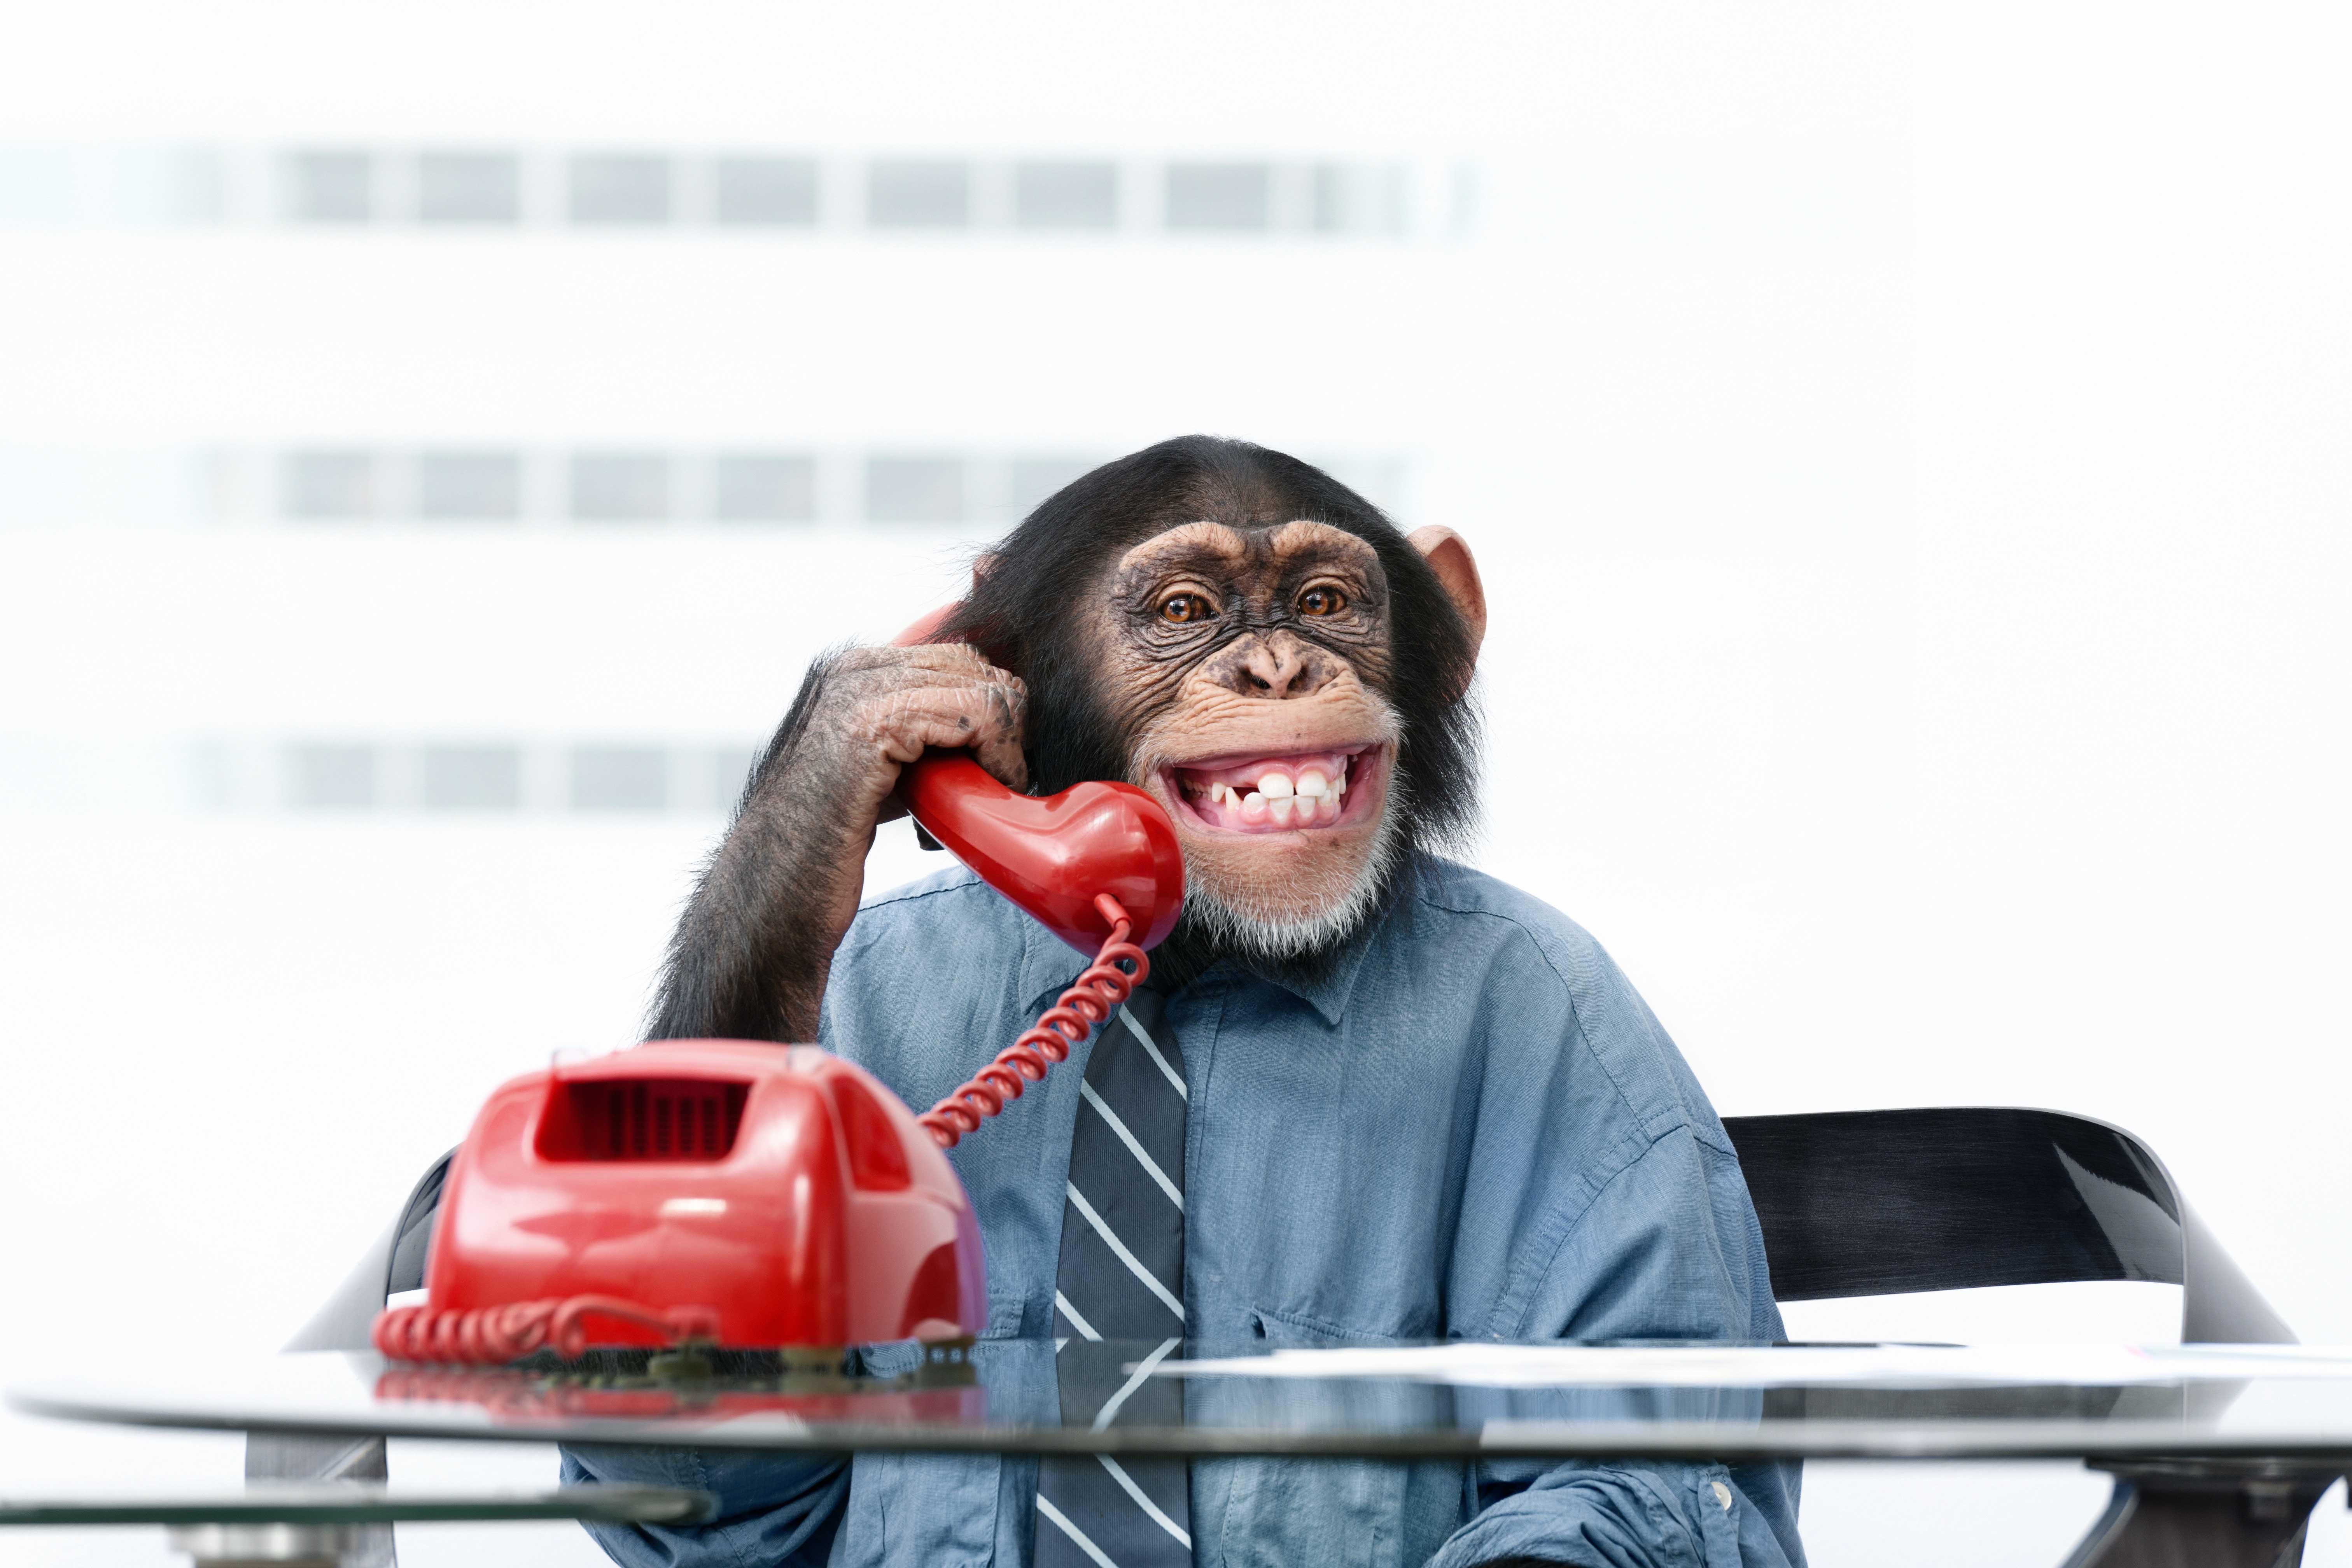 Mono llama por teléfono buscando tarifas de fijo sin cuota de linea